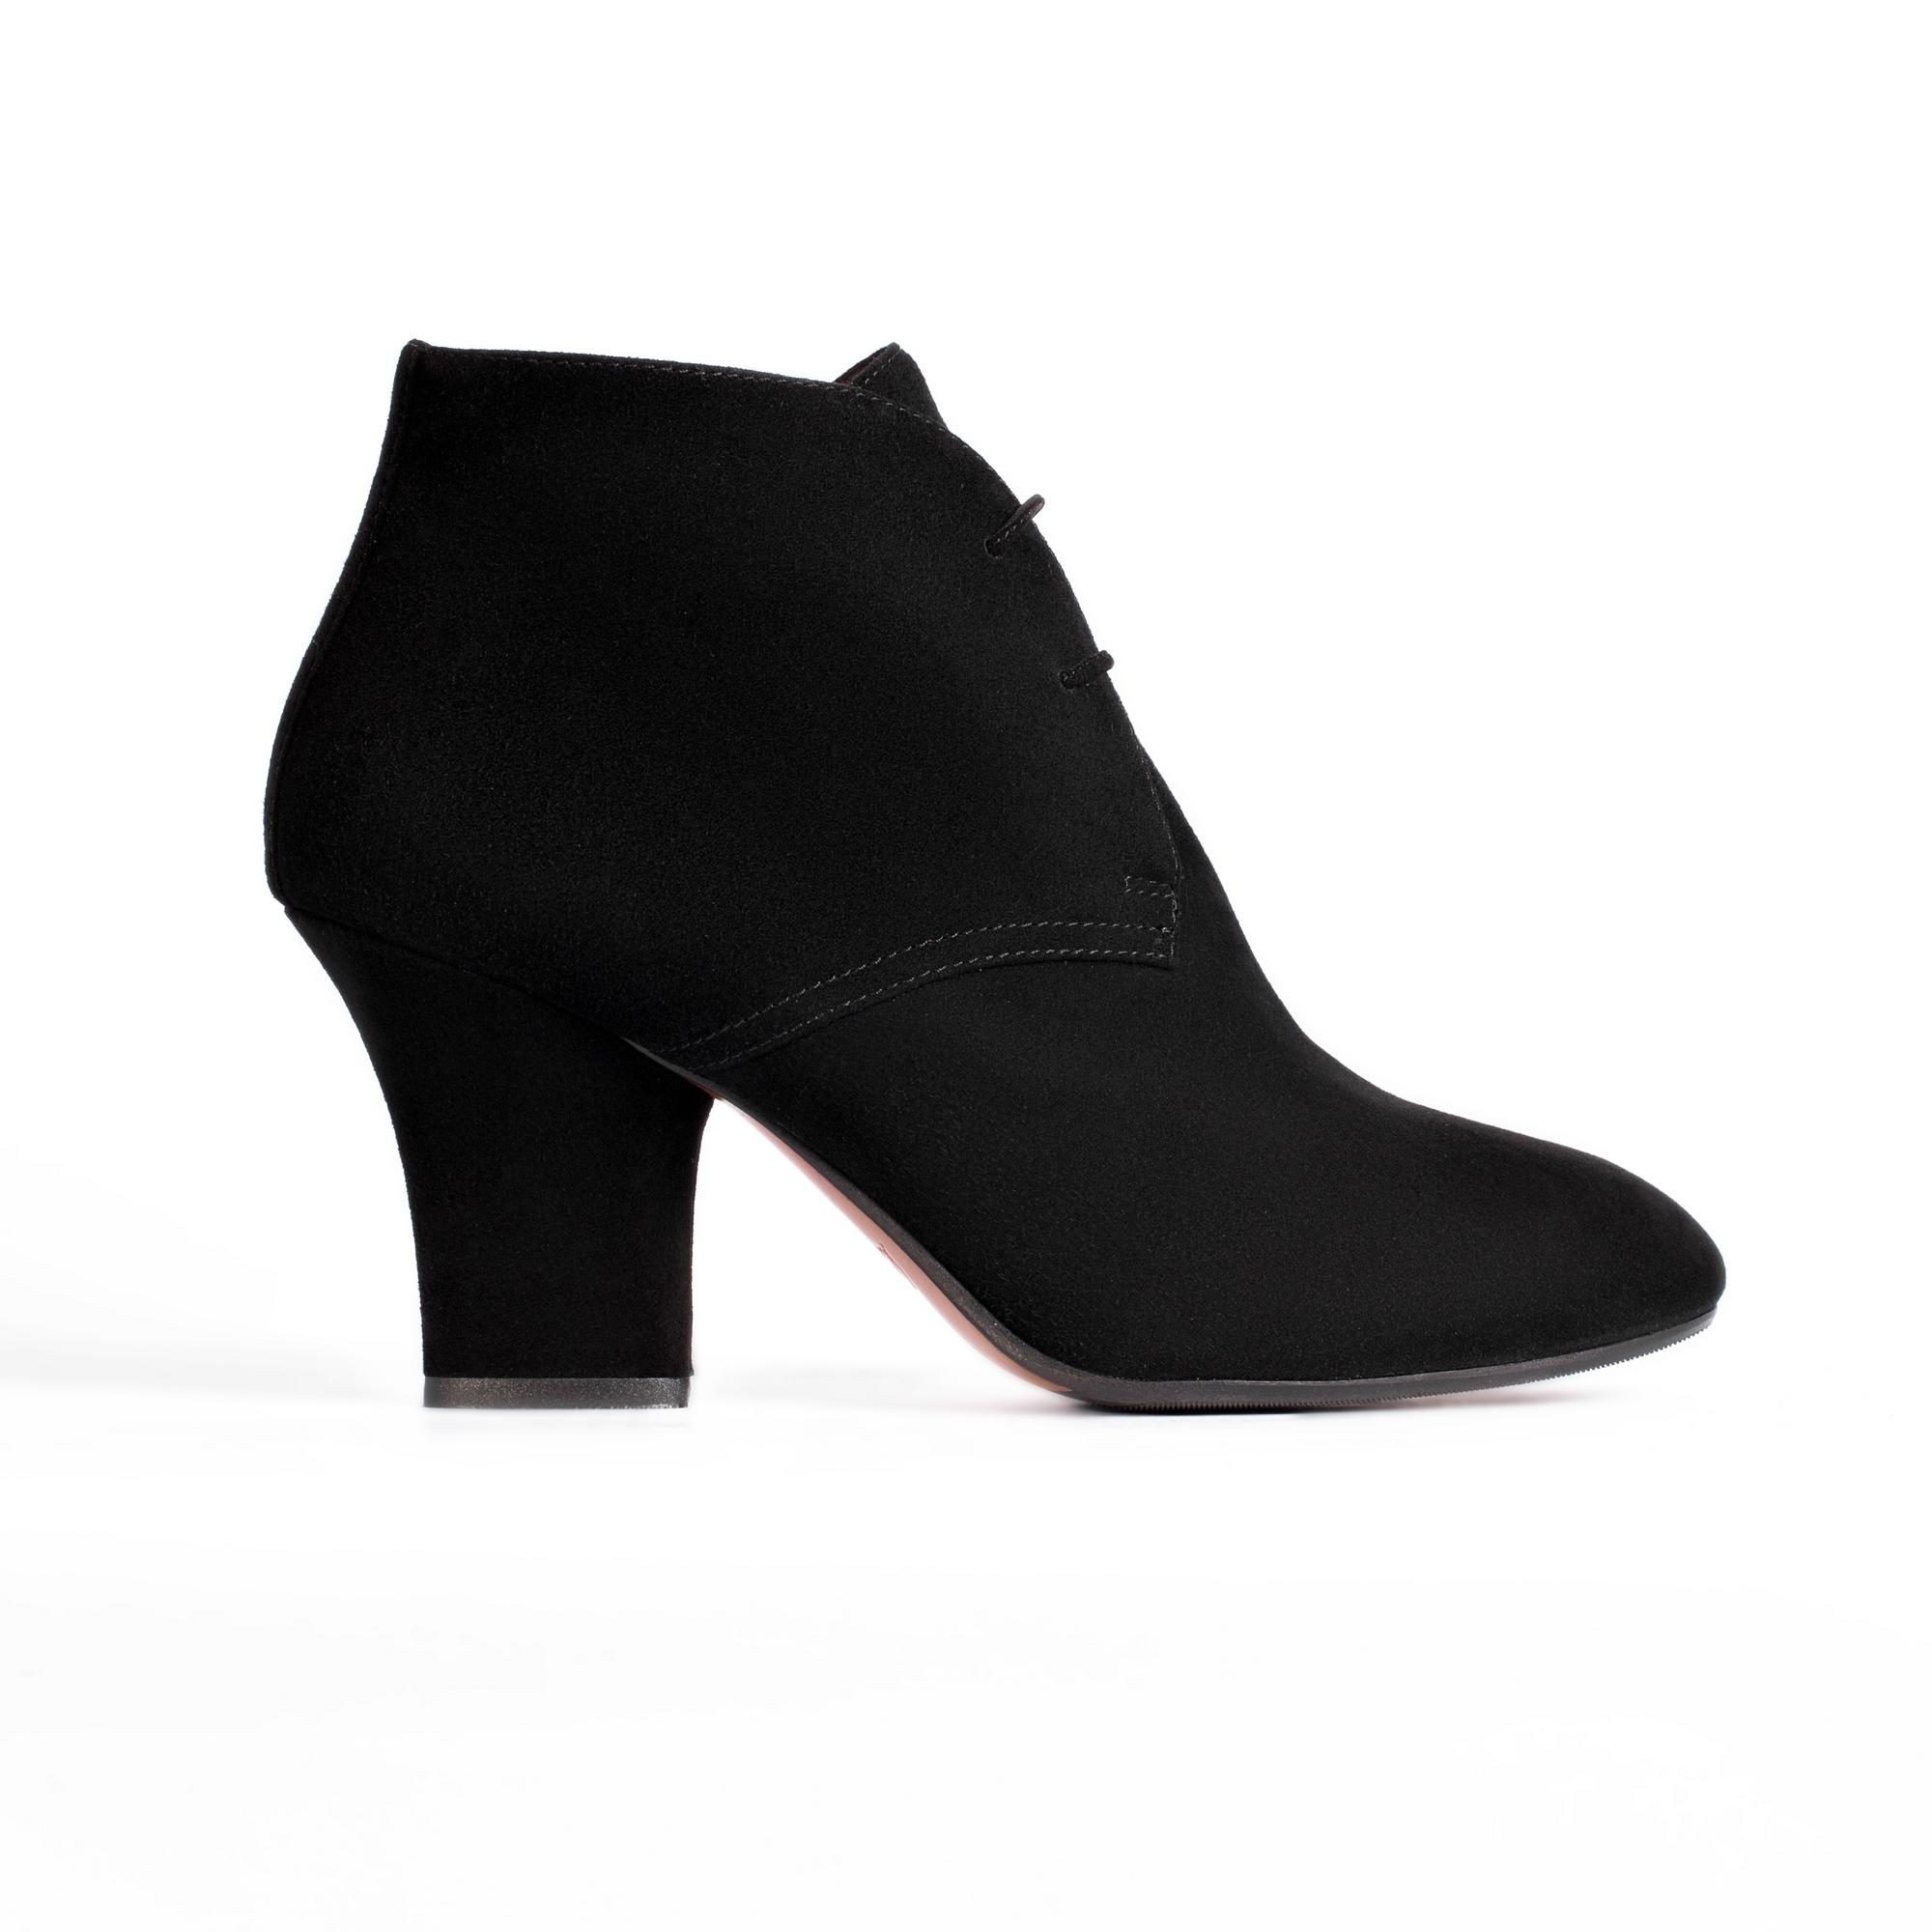 Замшевые ботильоны черного цвета на среднем устойчивом каблуке